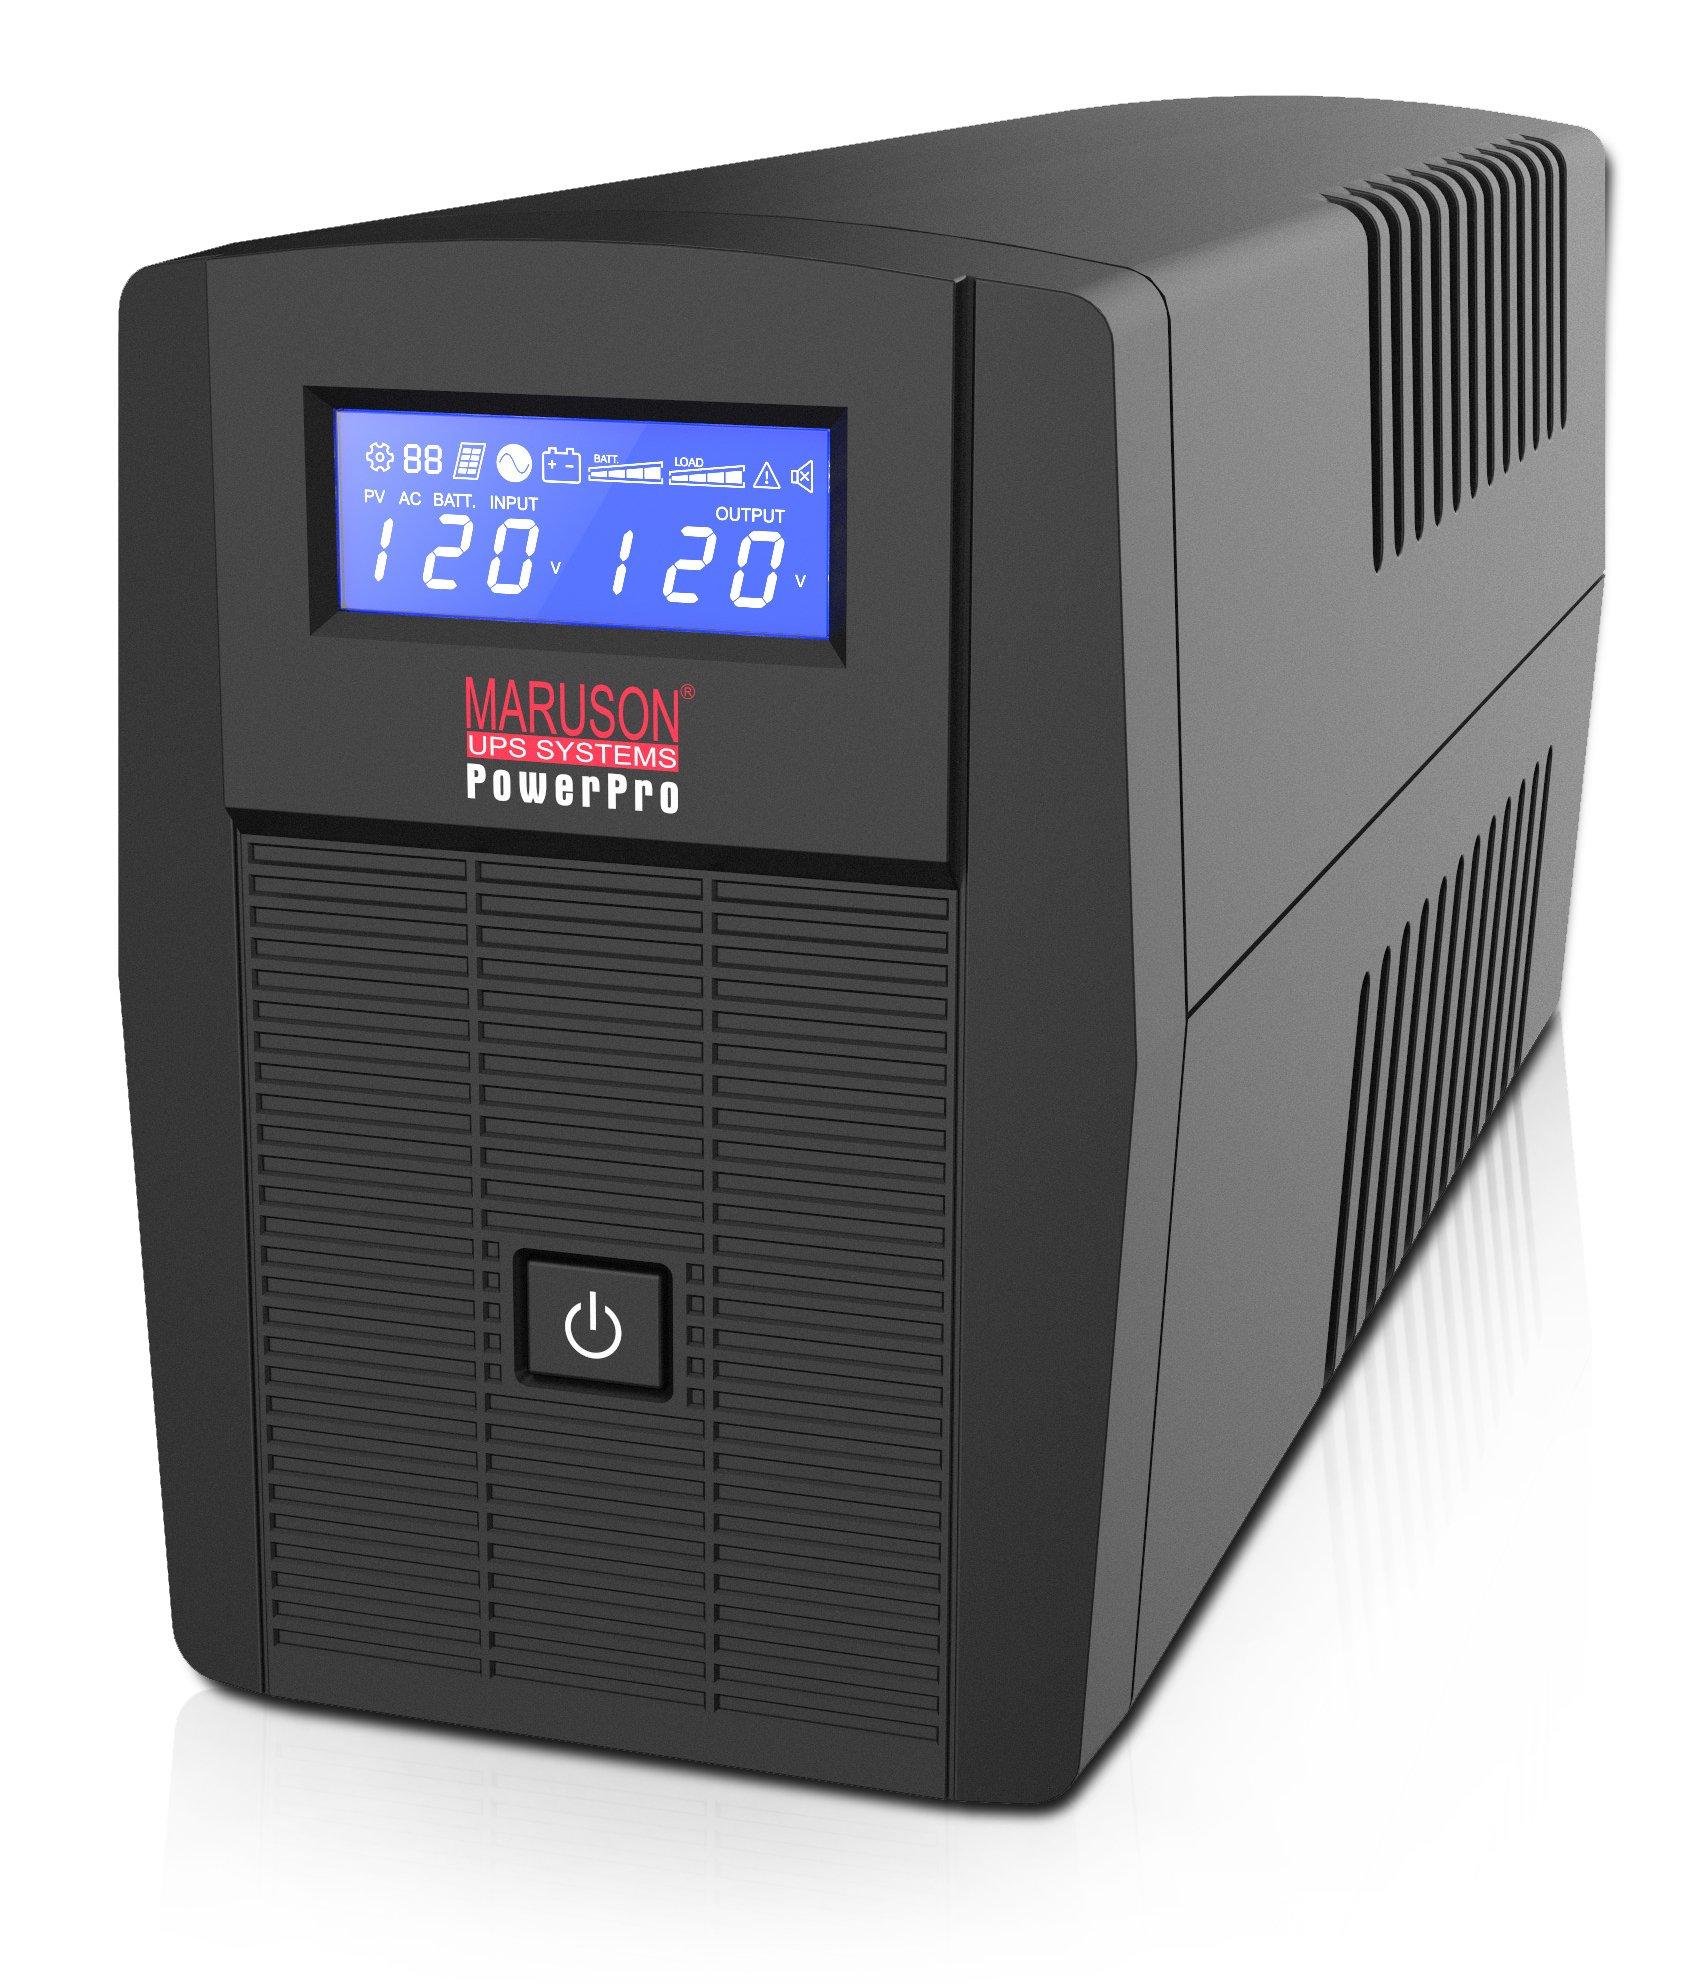 MARUSON PRO-550LCD 550VA/300W LINE INTERACTIVE UPS